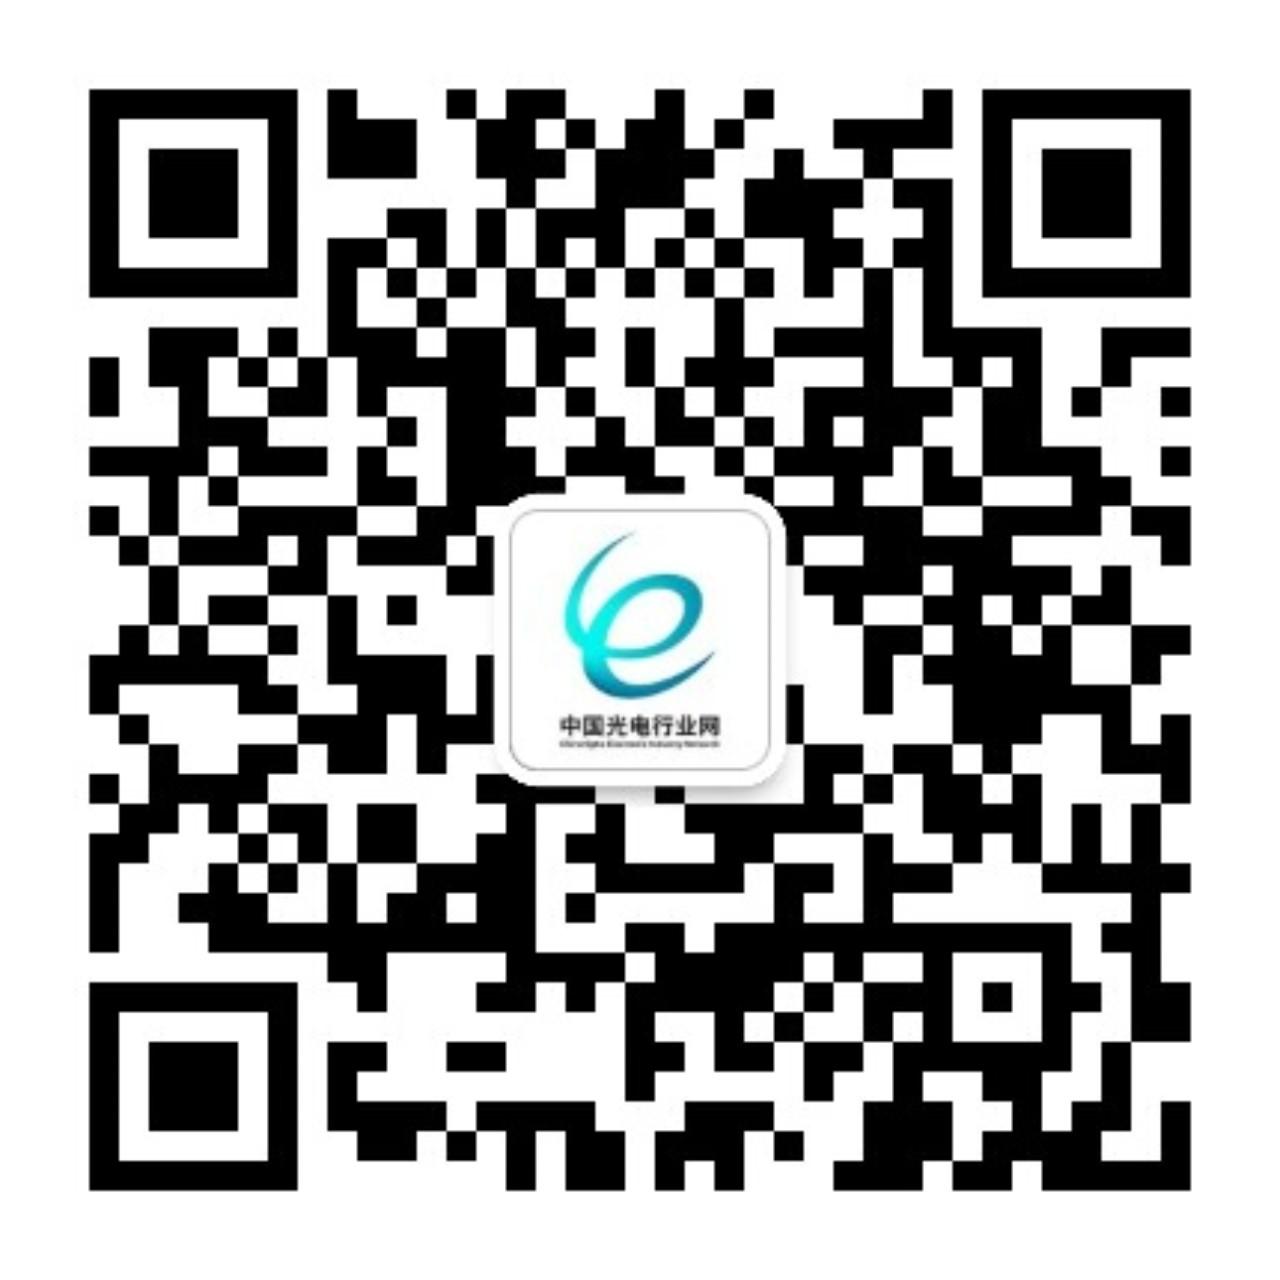 光电行业网 - 微信二维码小图